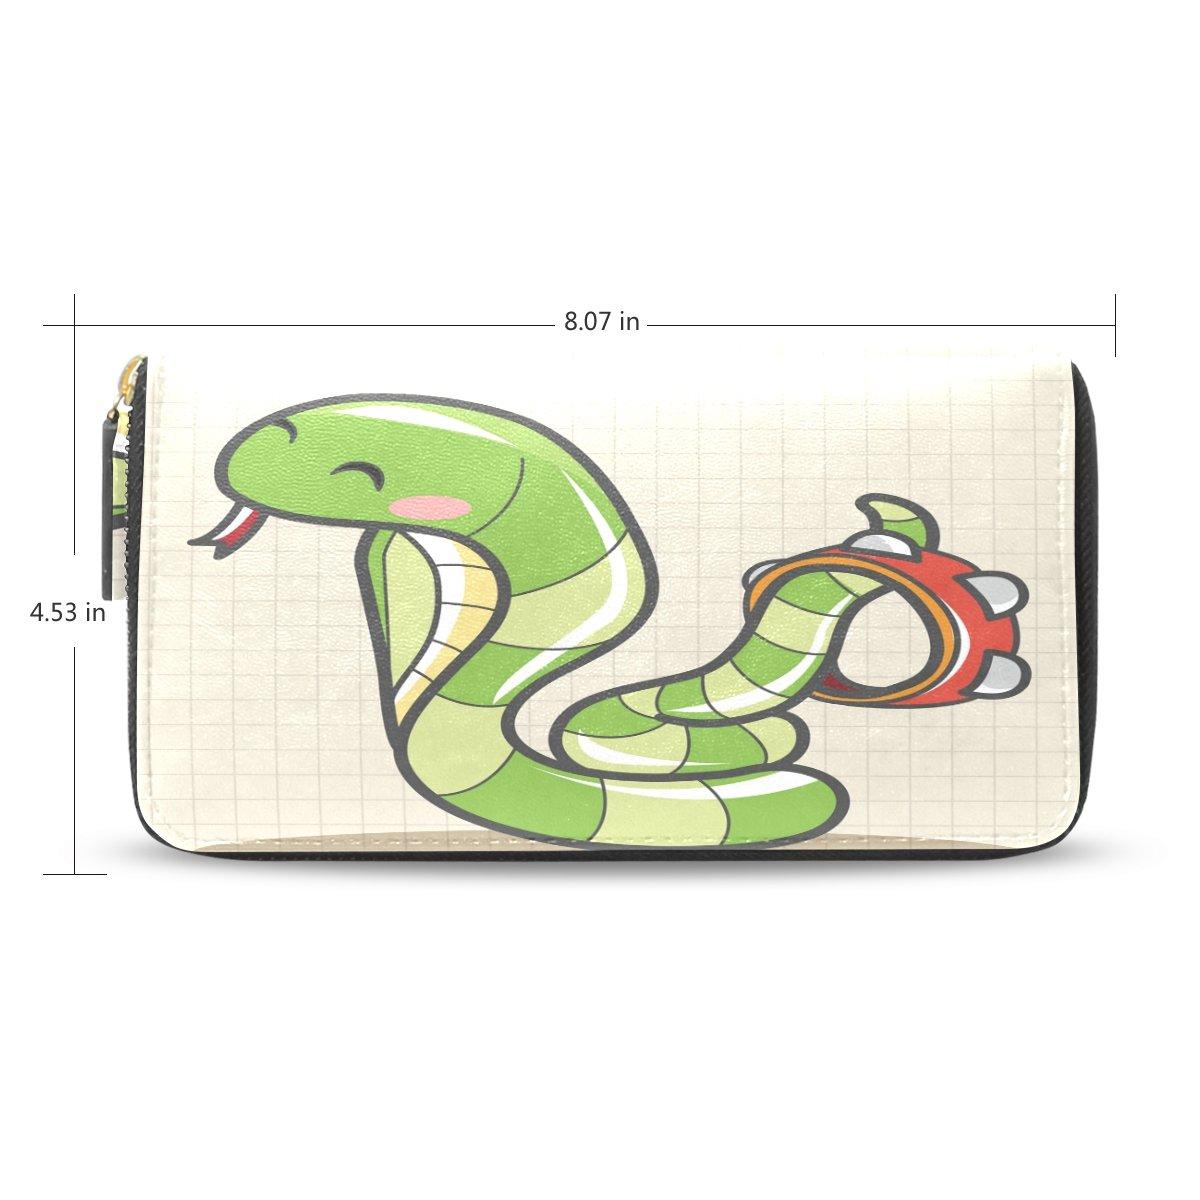 b2f0a9dc11fb Yochoice Women Lady Wallet,Cartoon Music Snake,Purse Credit Card ...